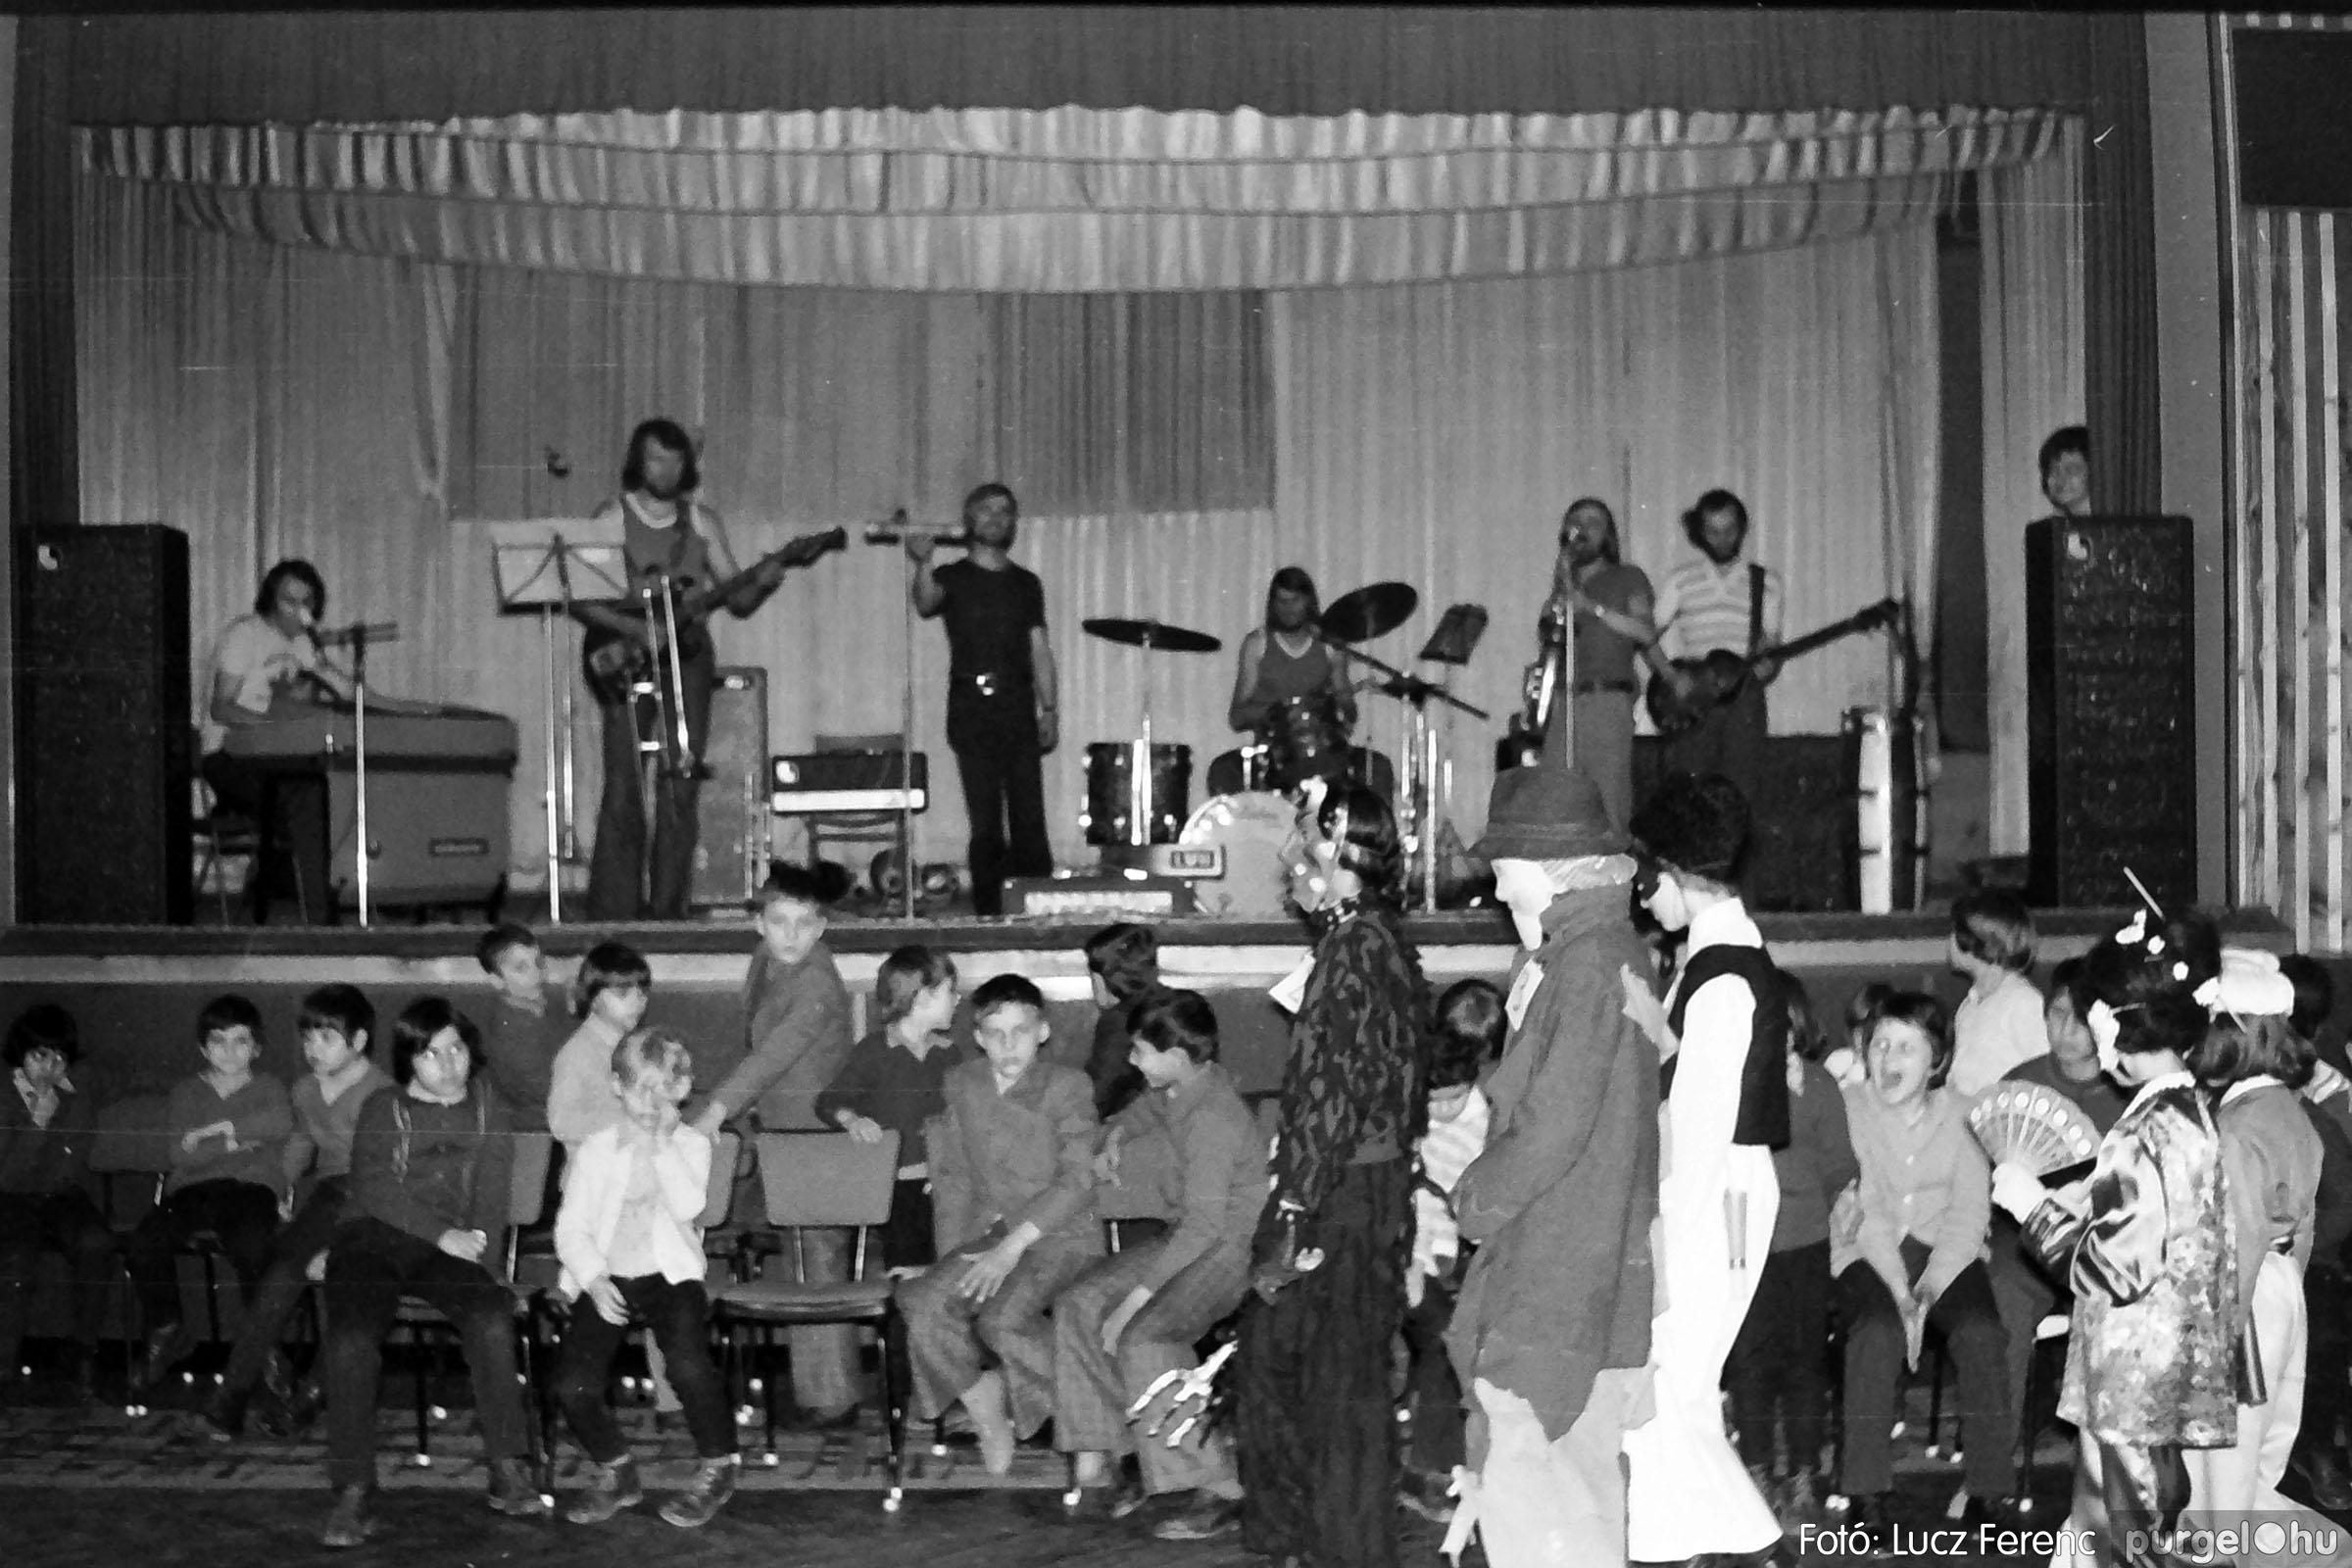 035. 1976. Iskolai farsang a kultúrházban 006 - Fotó: Lucz Ferenc.jpg